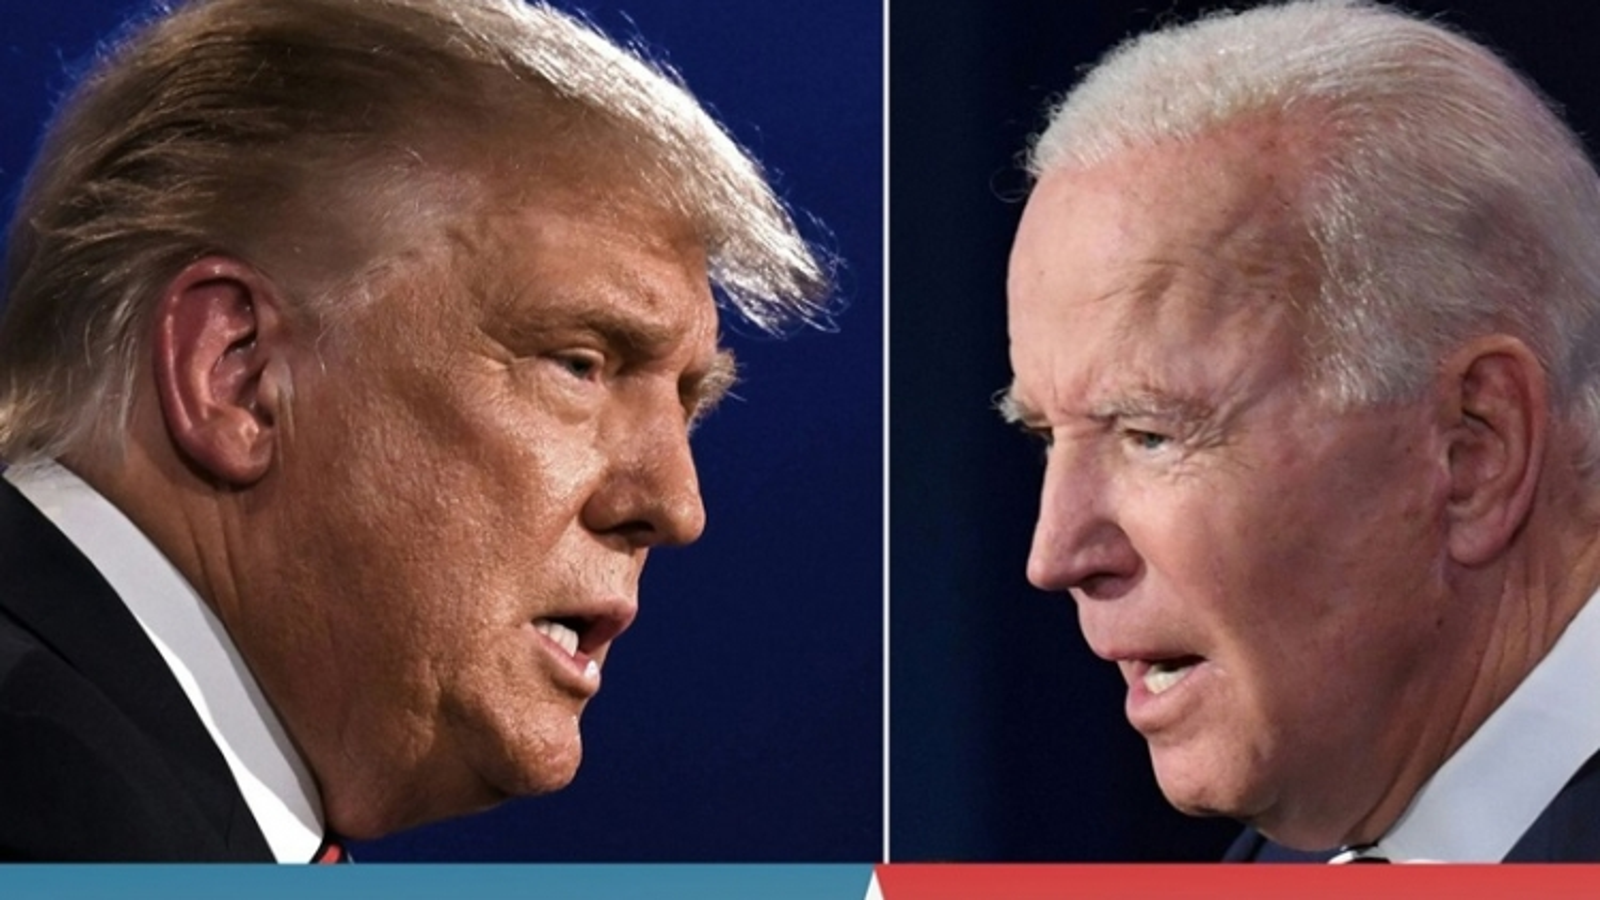 Tranh luận ứng viên Tổng thống Mỹ: Cuộc đối đầu cuối cùng khá trật tự